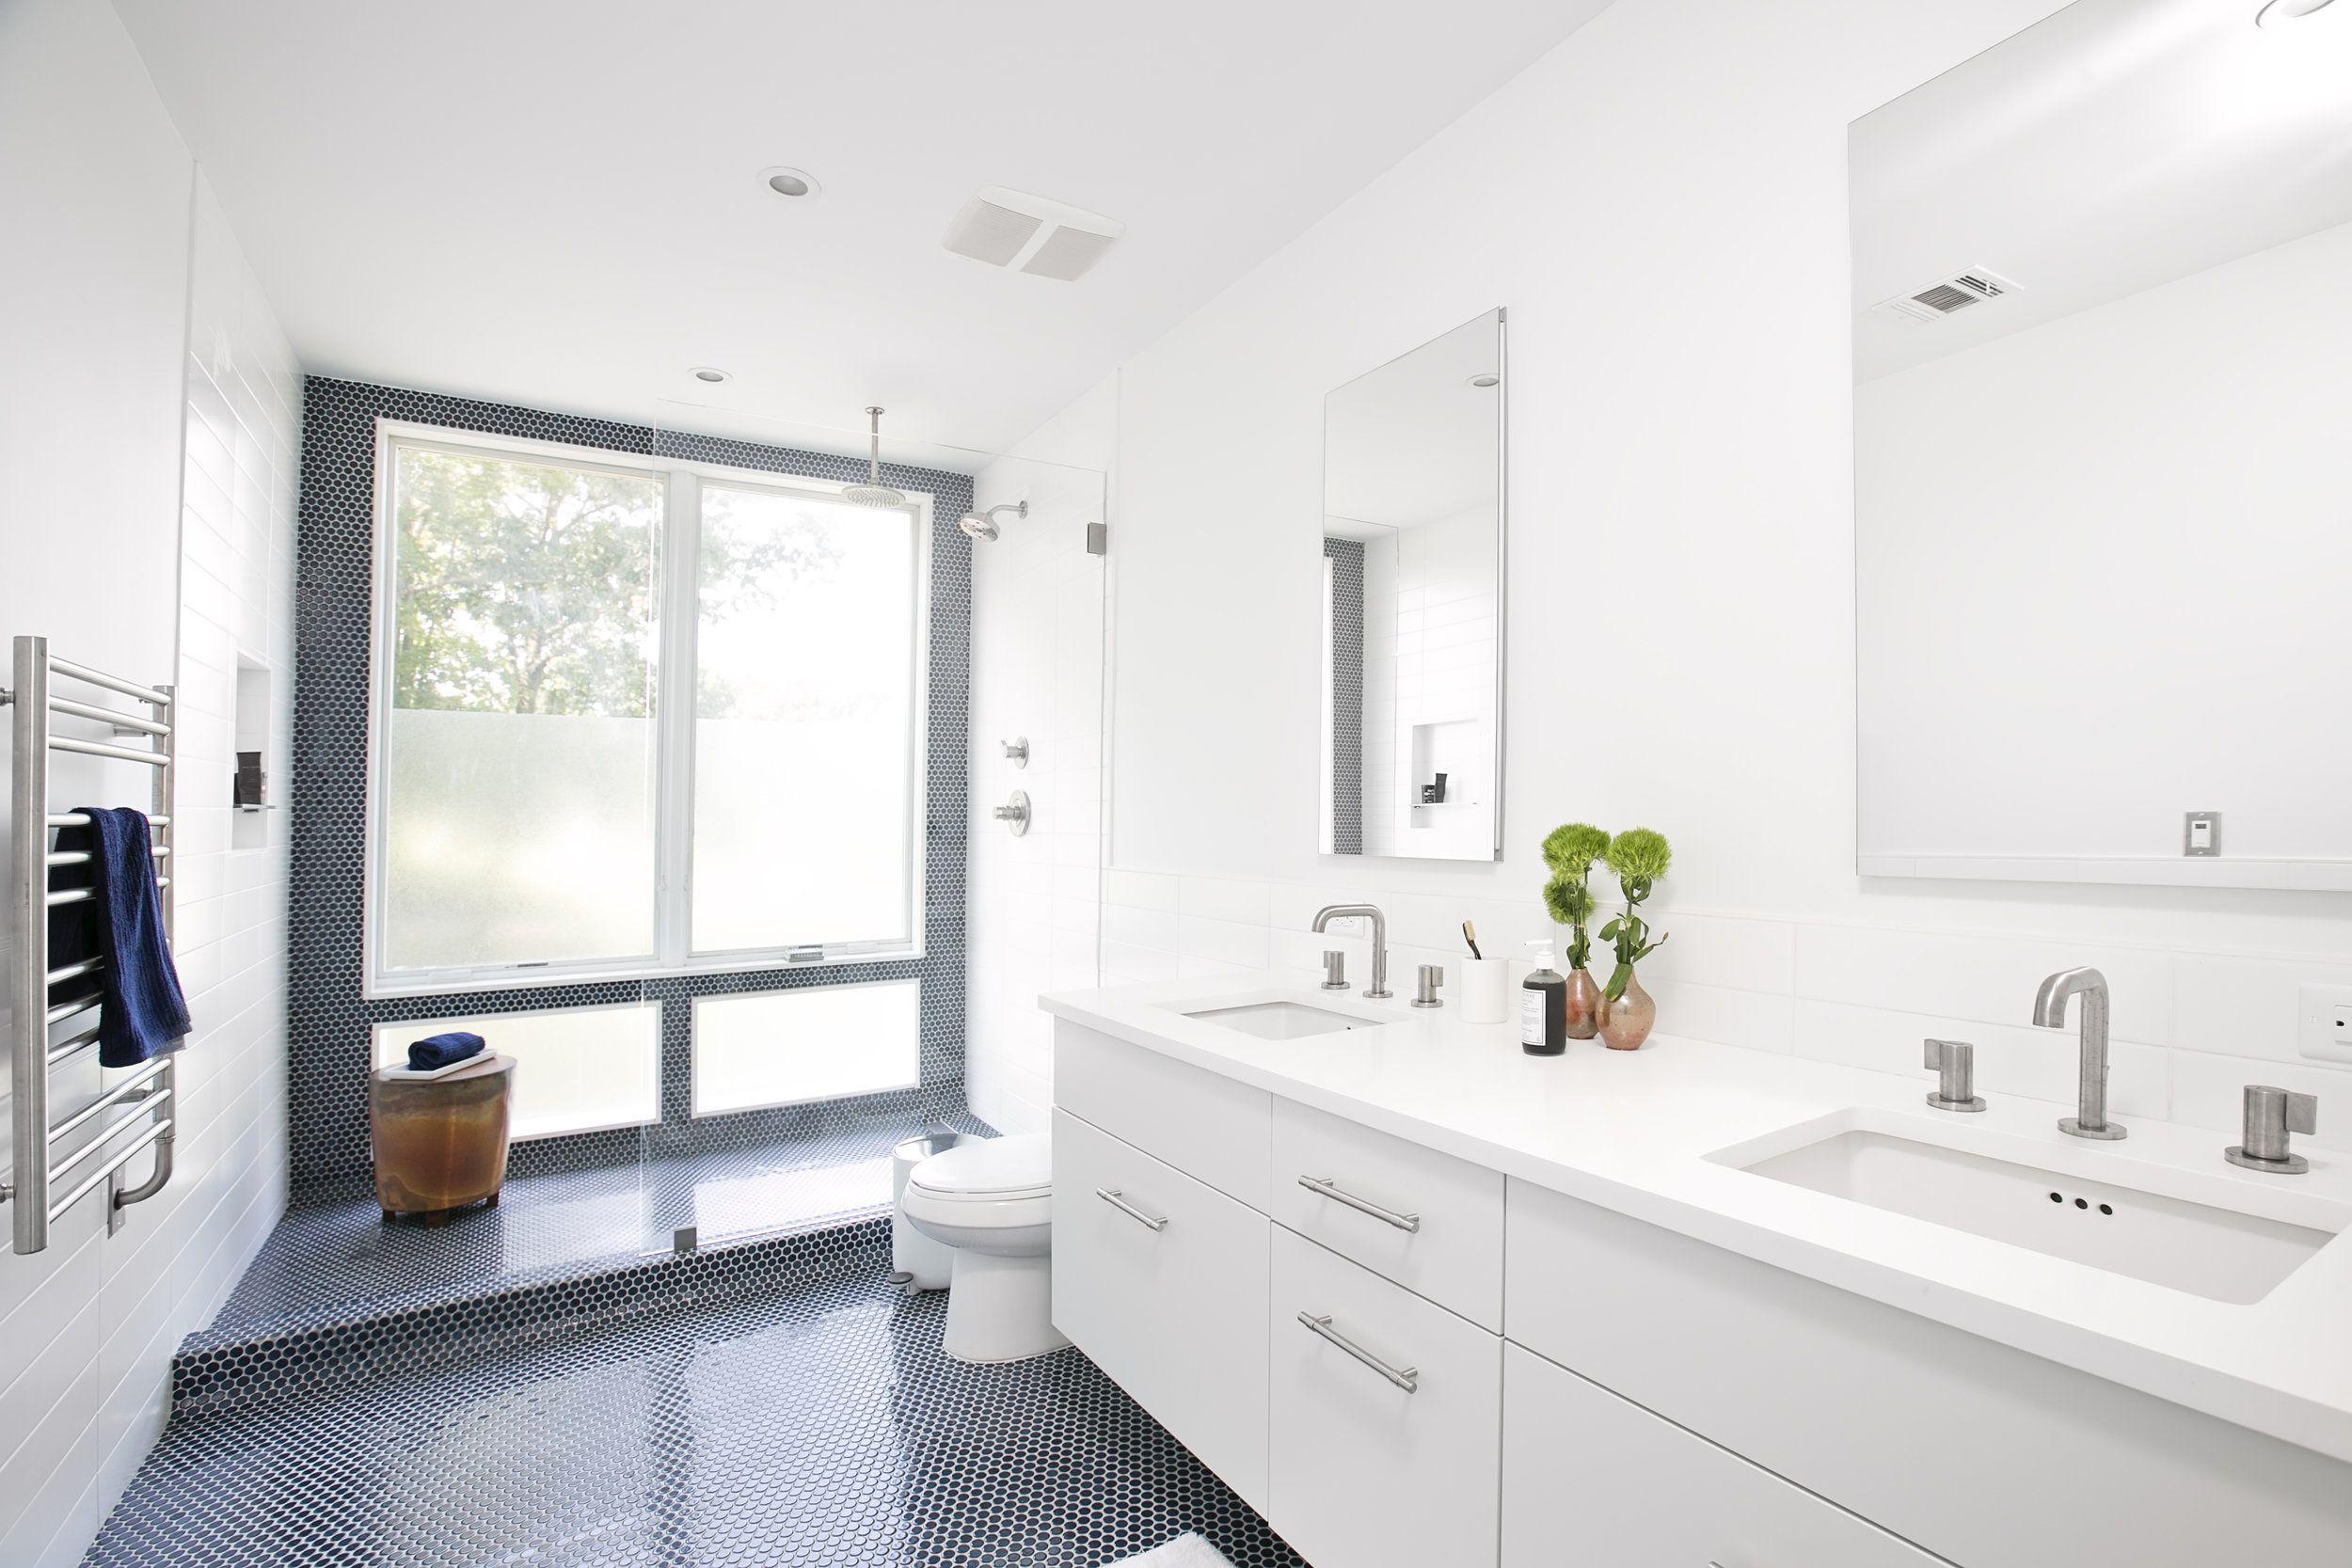 9 Best Bathroom Paint Colors